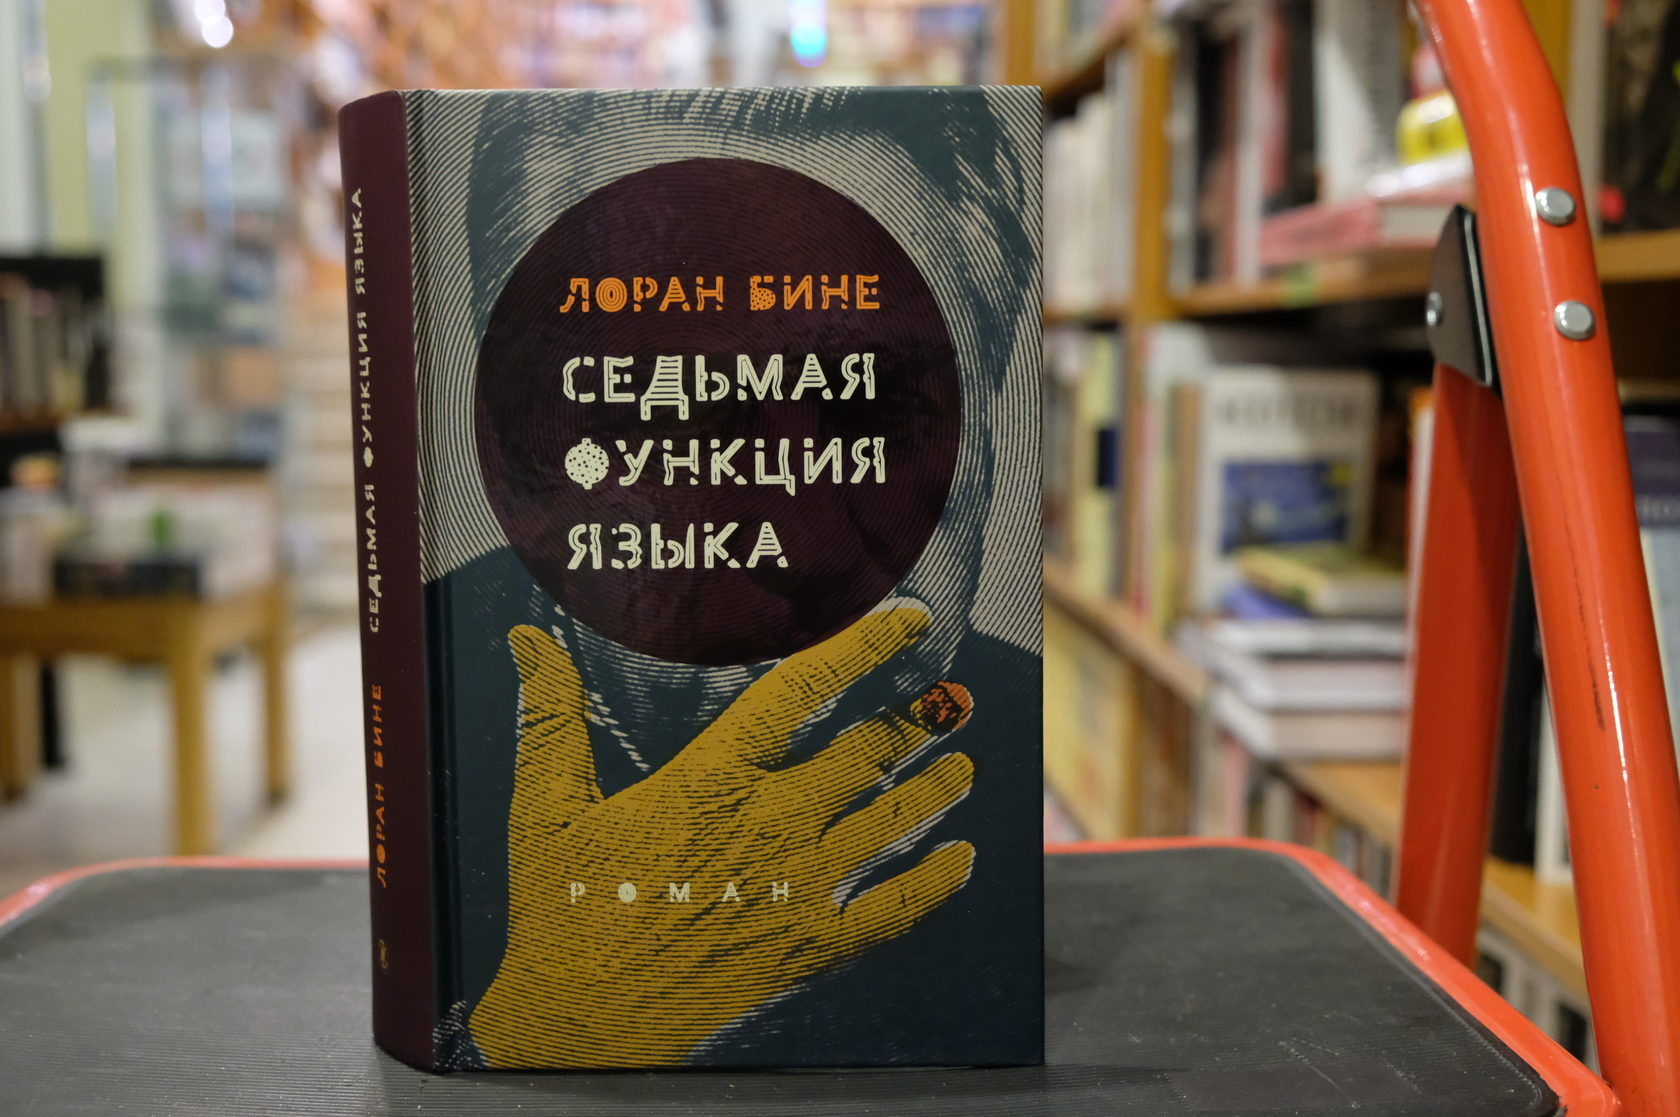 Лоран Бине «Седьмая функция языка. Роман»